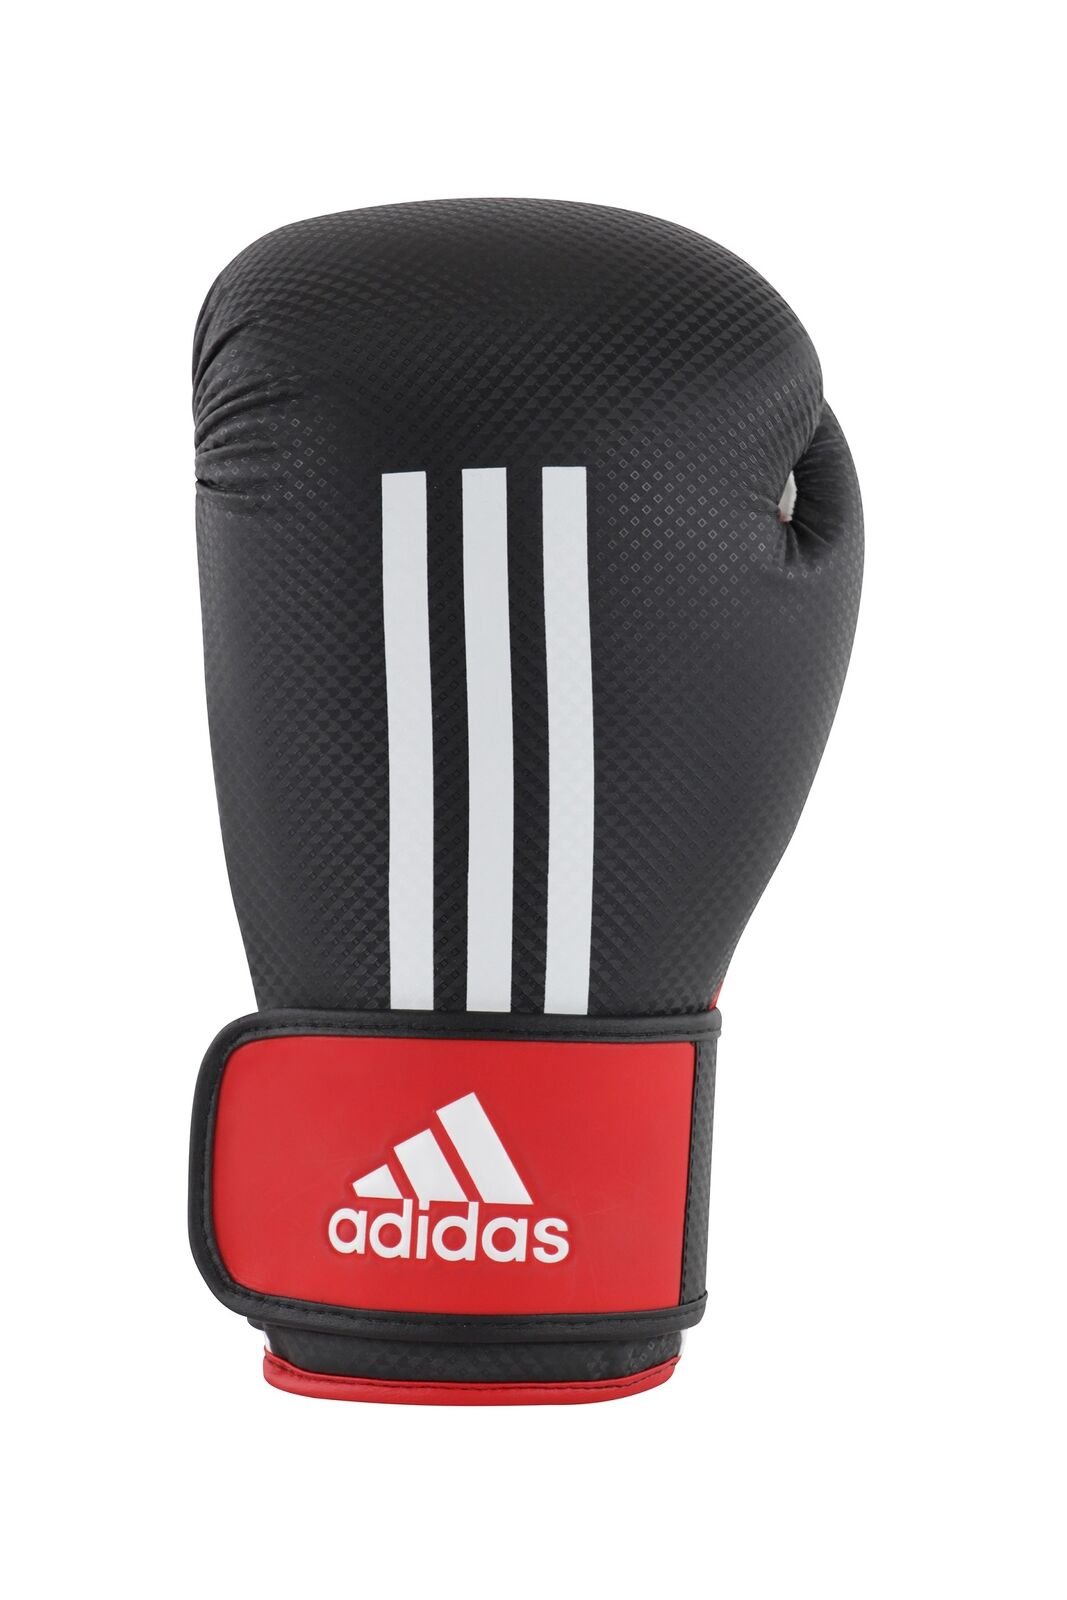 Adidas Boxhandschuhe Energy 200 14oz Boxen Training Handschuhe Handschuhe Handschuhe Boxing Gloves 2b7d37